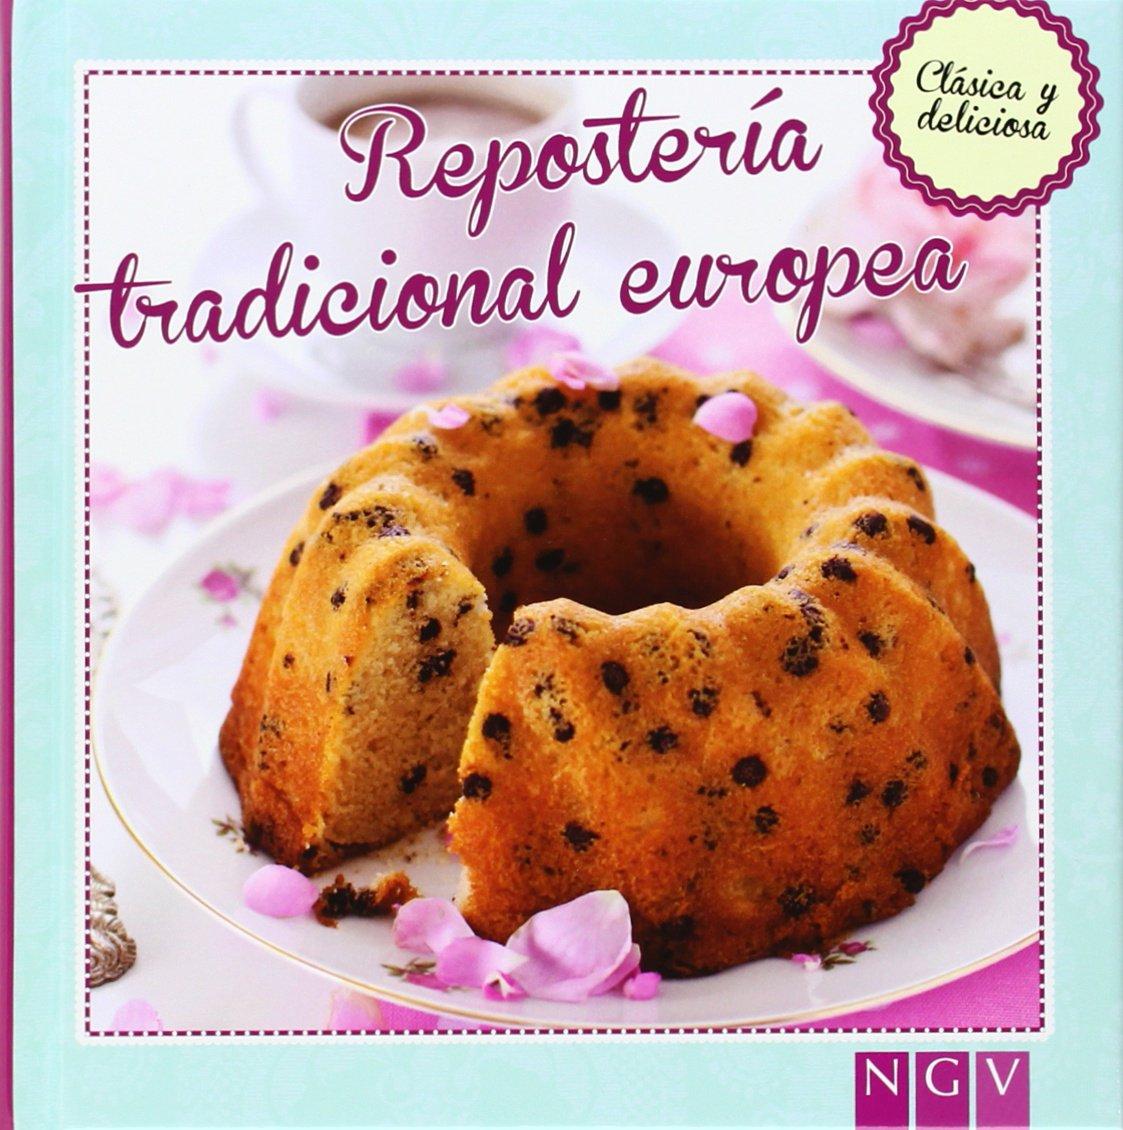 Repostería tradicional europea: Clásica y deliciosa: Amazon ...